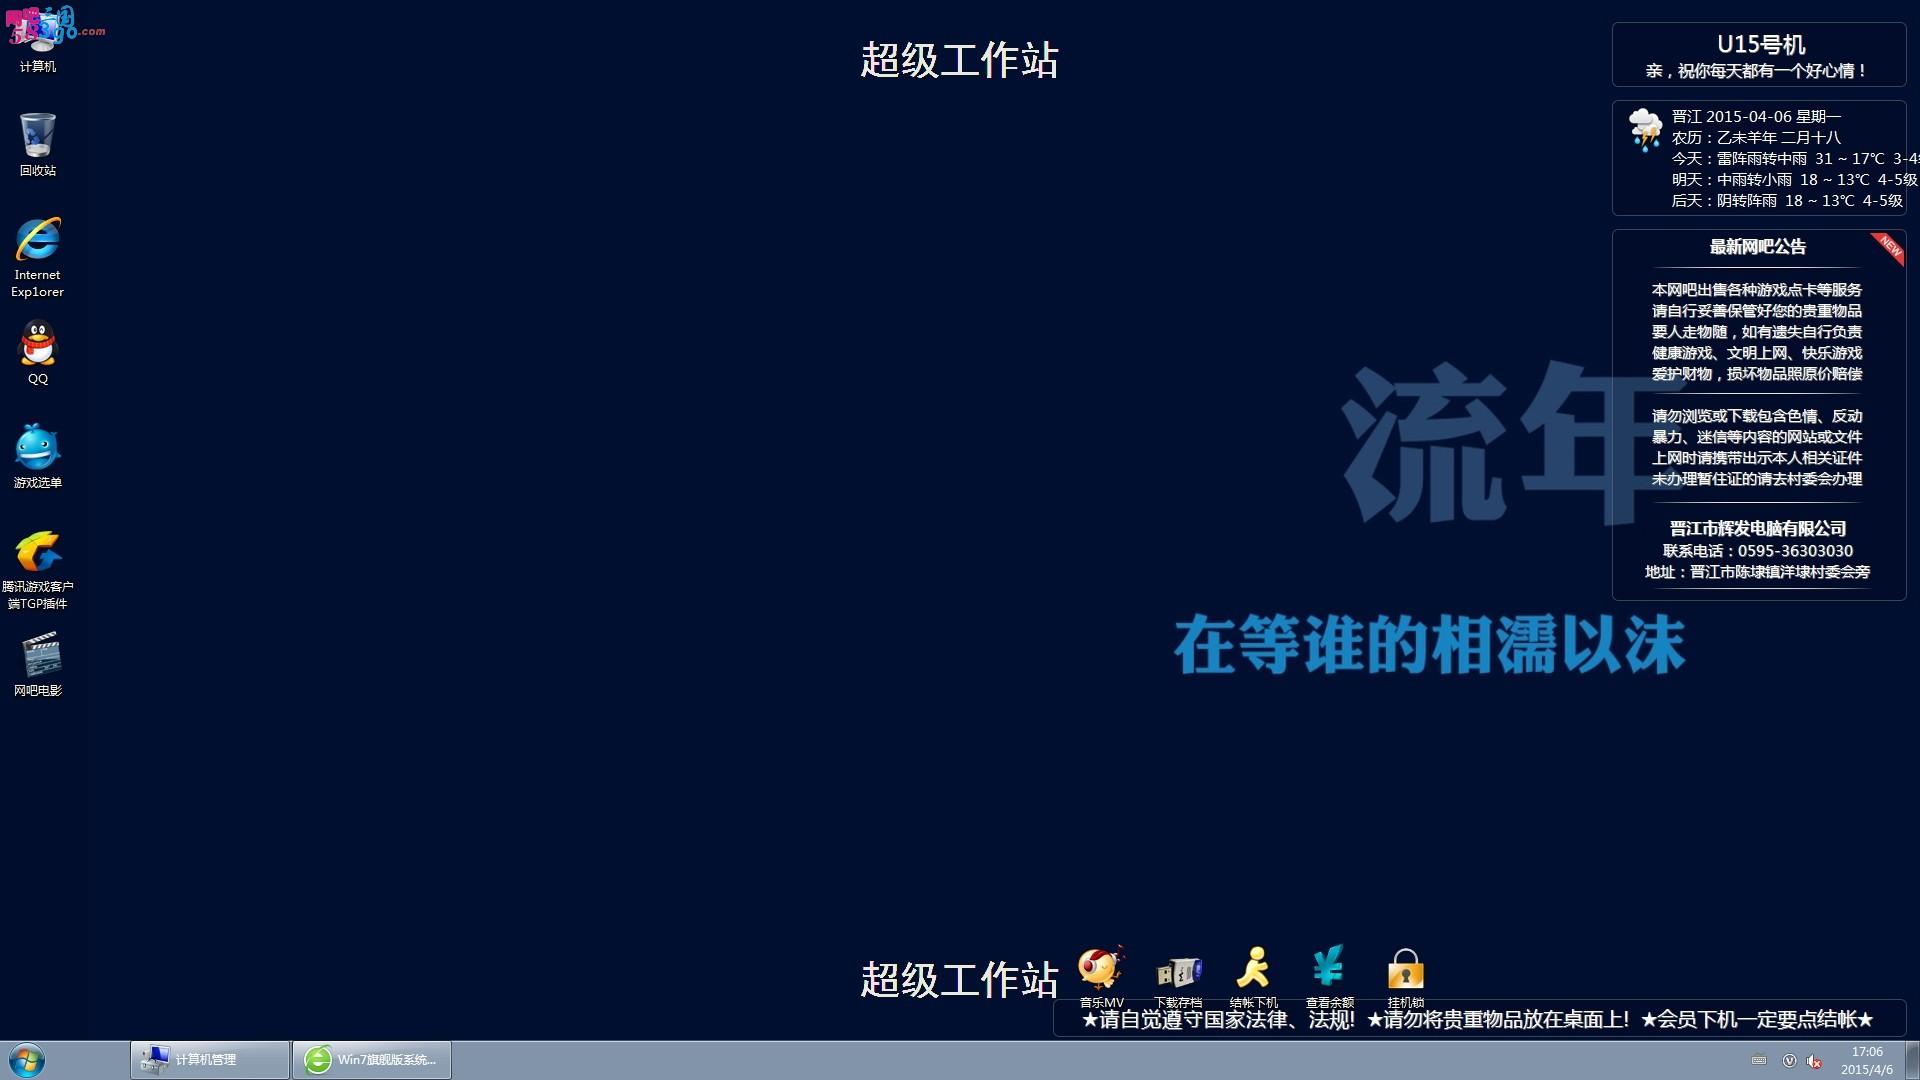 Win7 开机后任务栏上的音量图标显示有红叉叉视频网站或放歌等没有